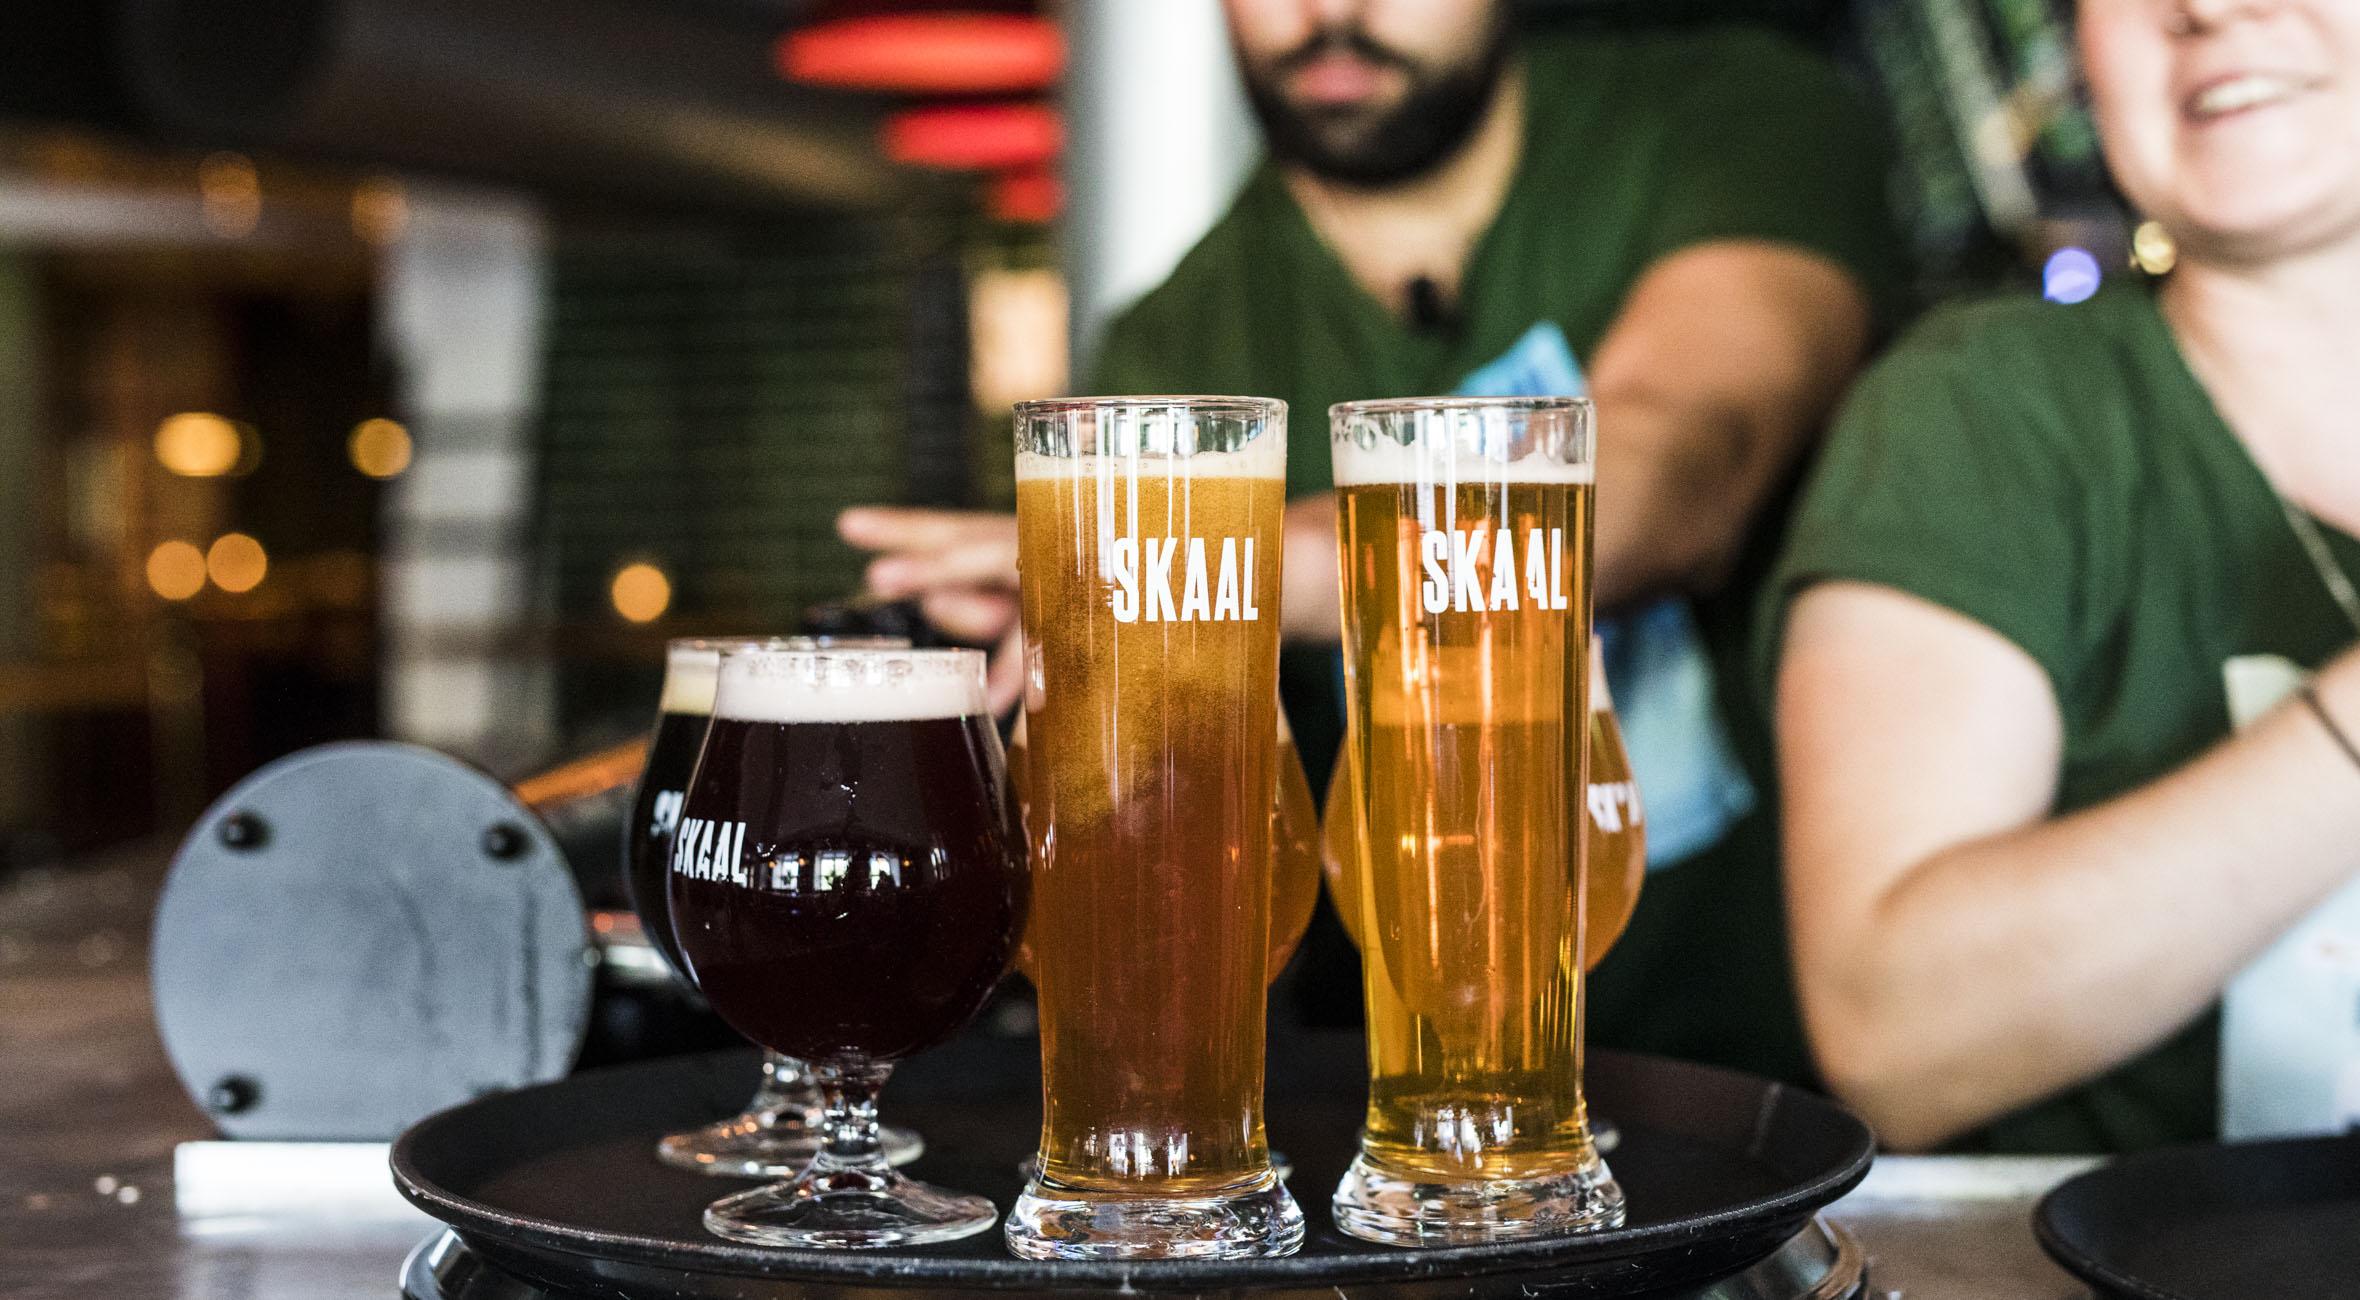 Ølsmagning med 5 fantastiske ølbryg hos SKAAL i Indre By – Invitér venner & familie på øl fra verdens bedste bryggerier